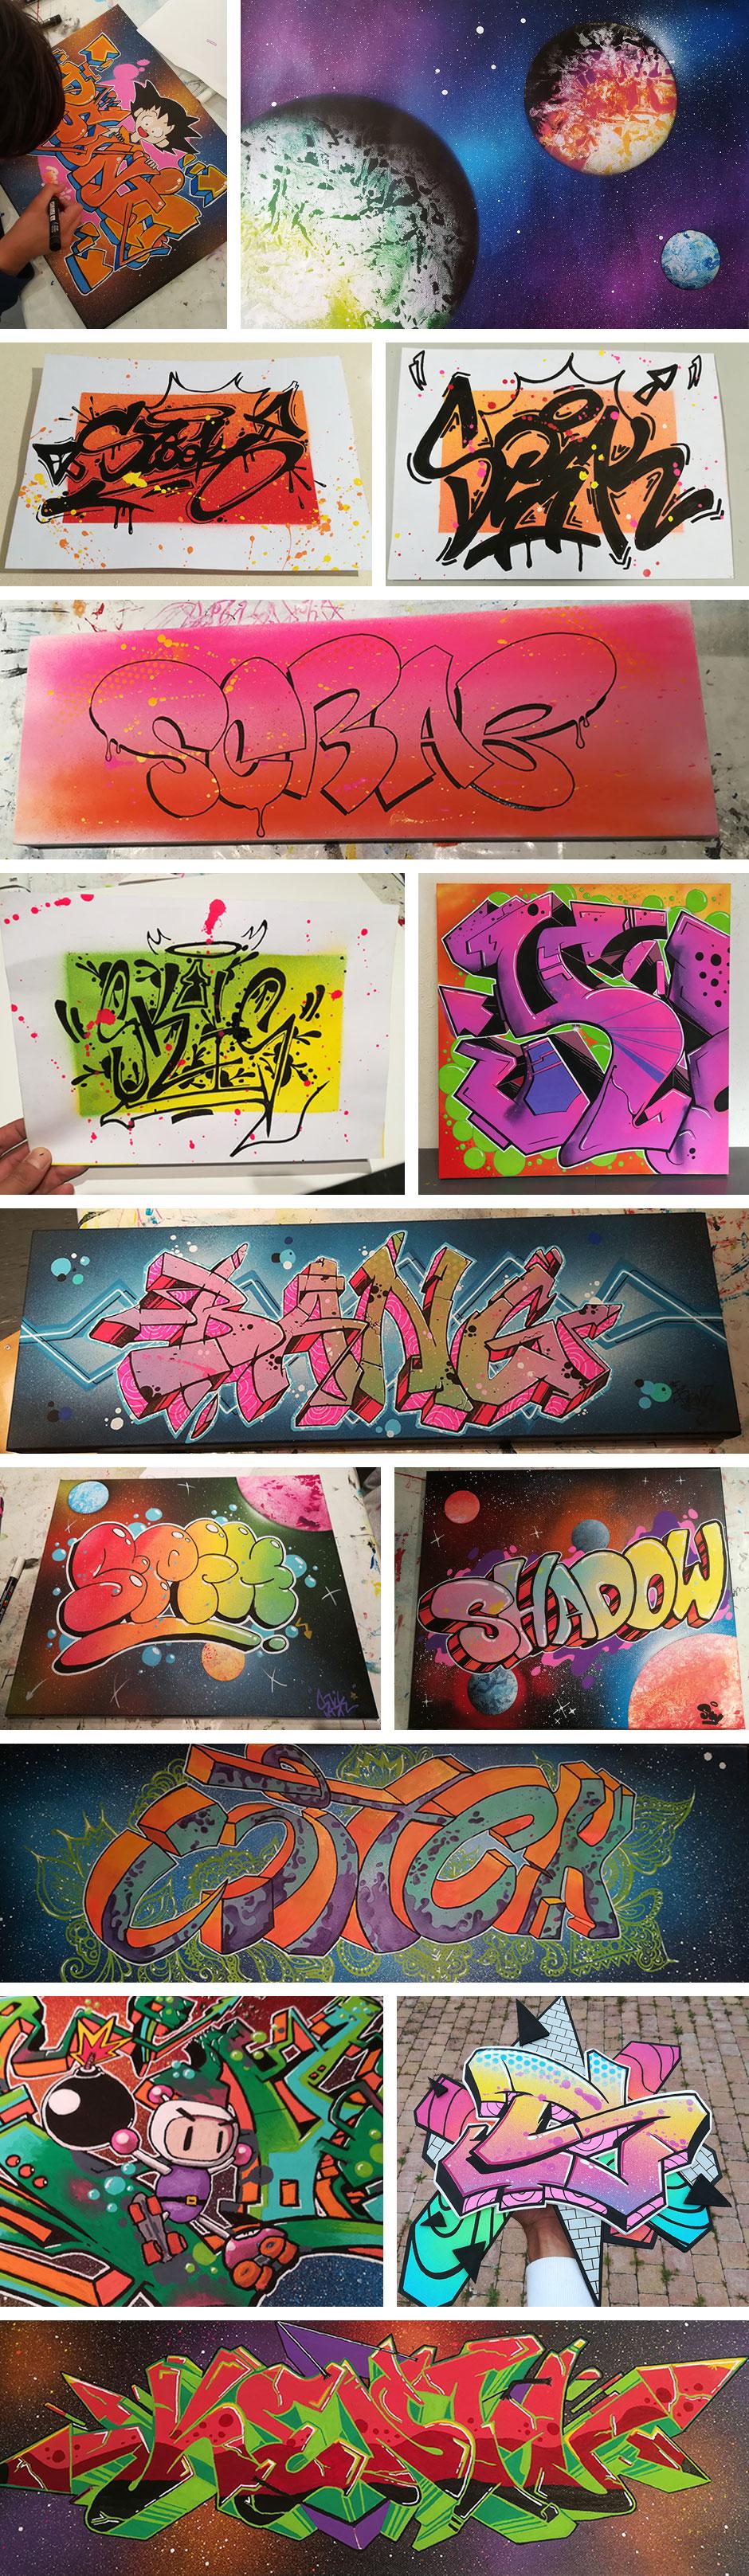 Cours de graffiti